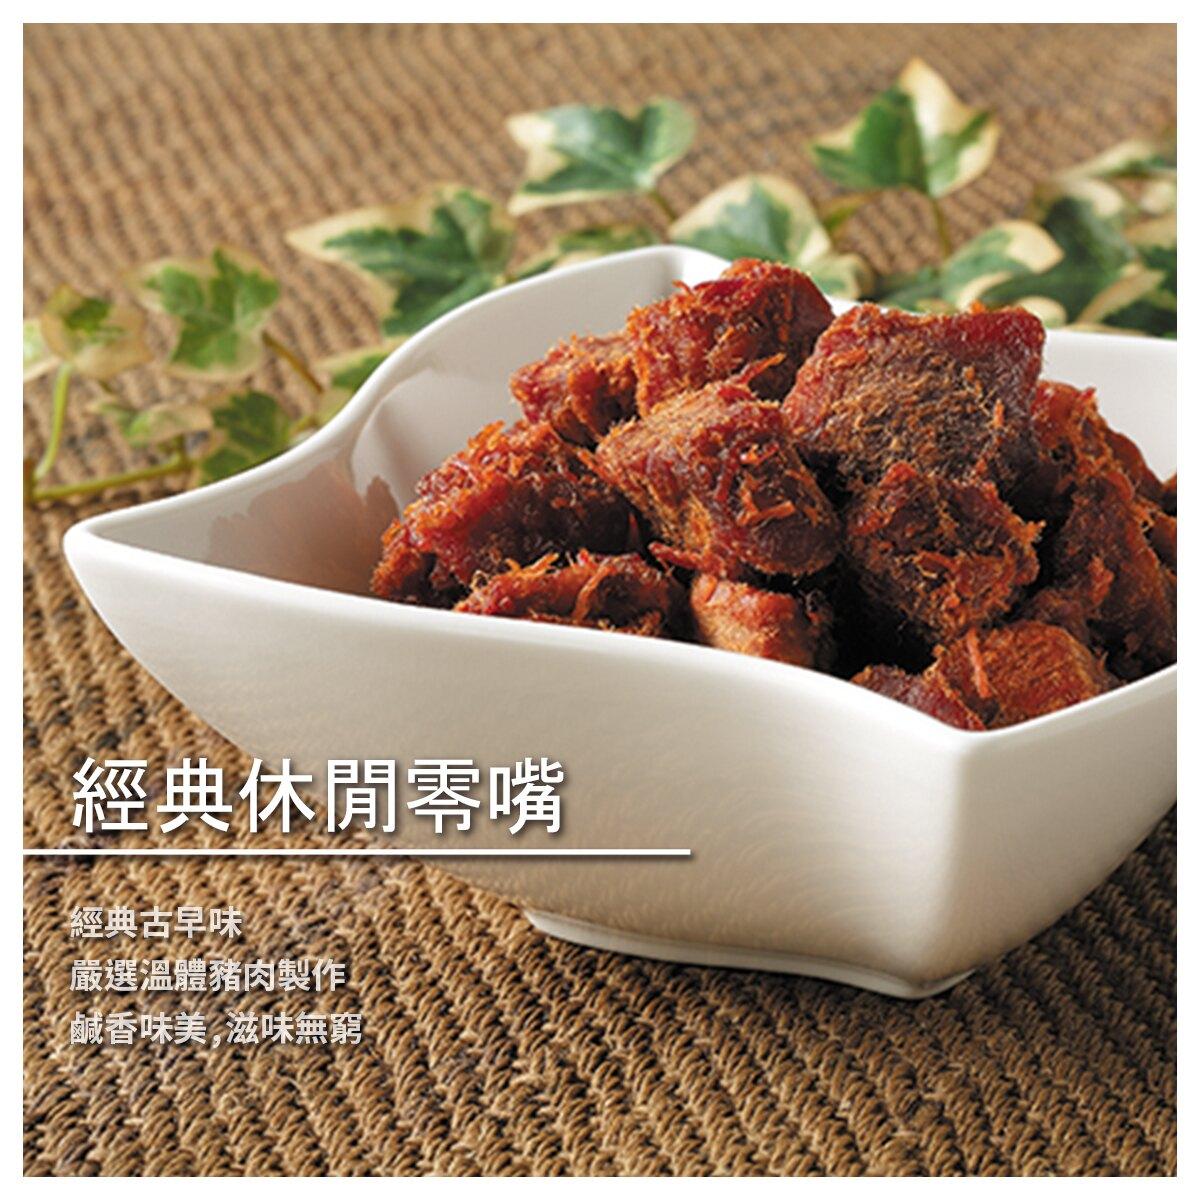 【合口味肉品】經典休閒零嘴/4款(肉角.肉條.肉片.肉絲)/3包